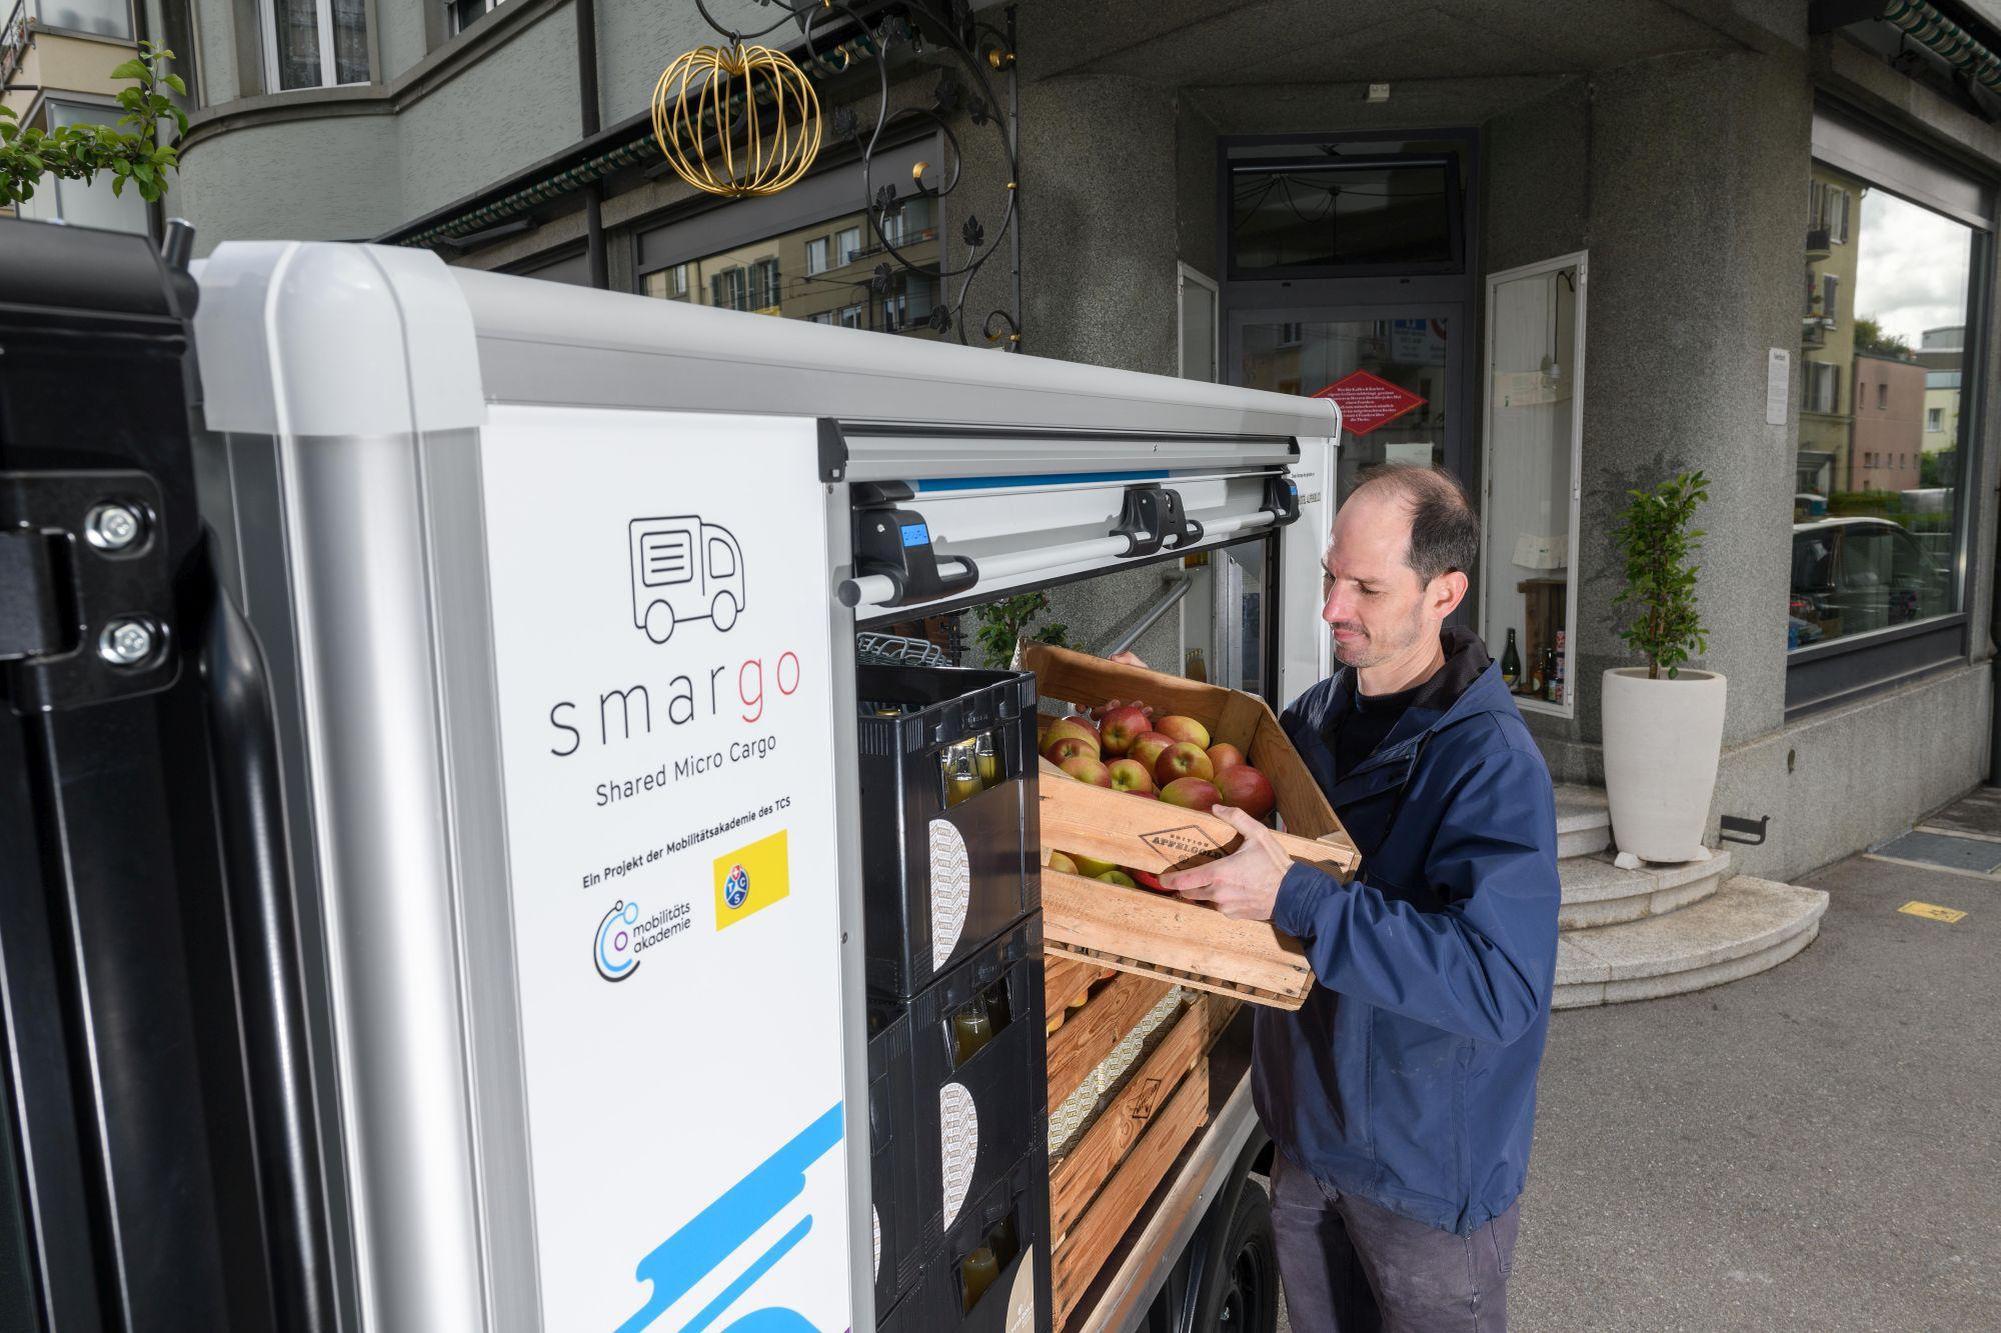 Die Fahrzeuge werden nicht nur von Privaten, sondern auch von Gewerbetreibenden regelmässig genutzt. Smargo